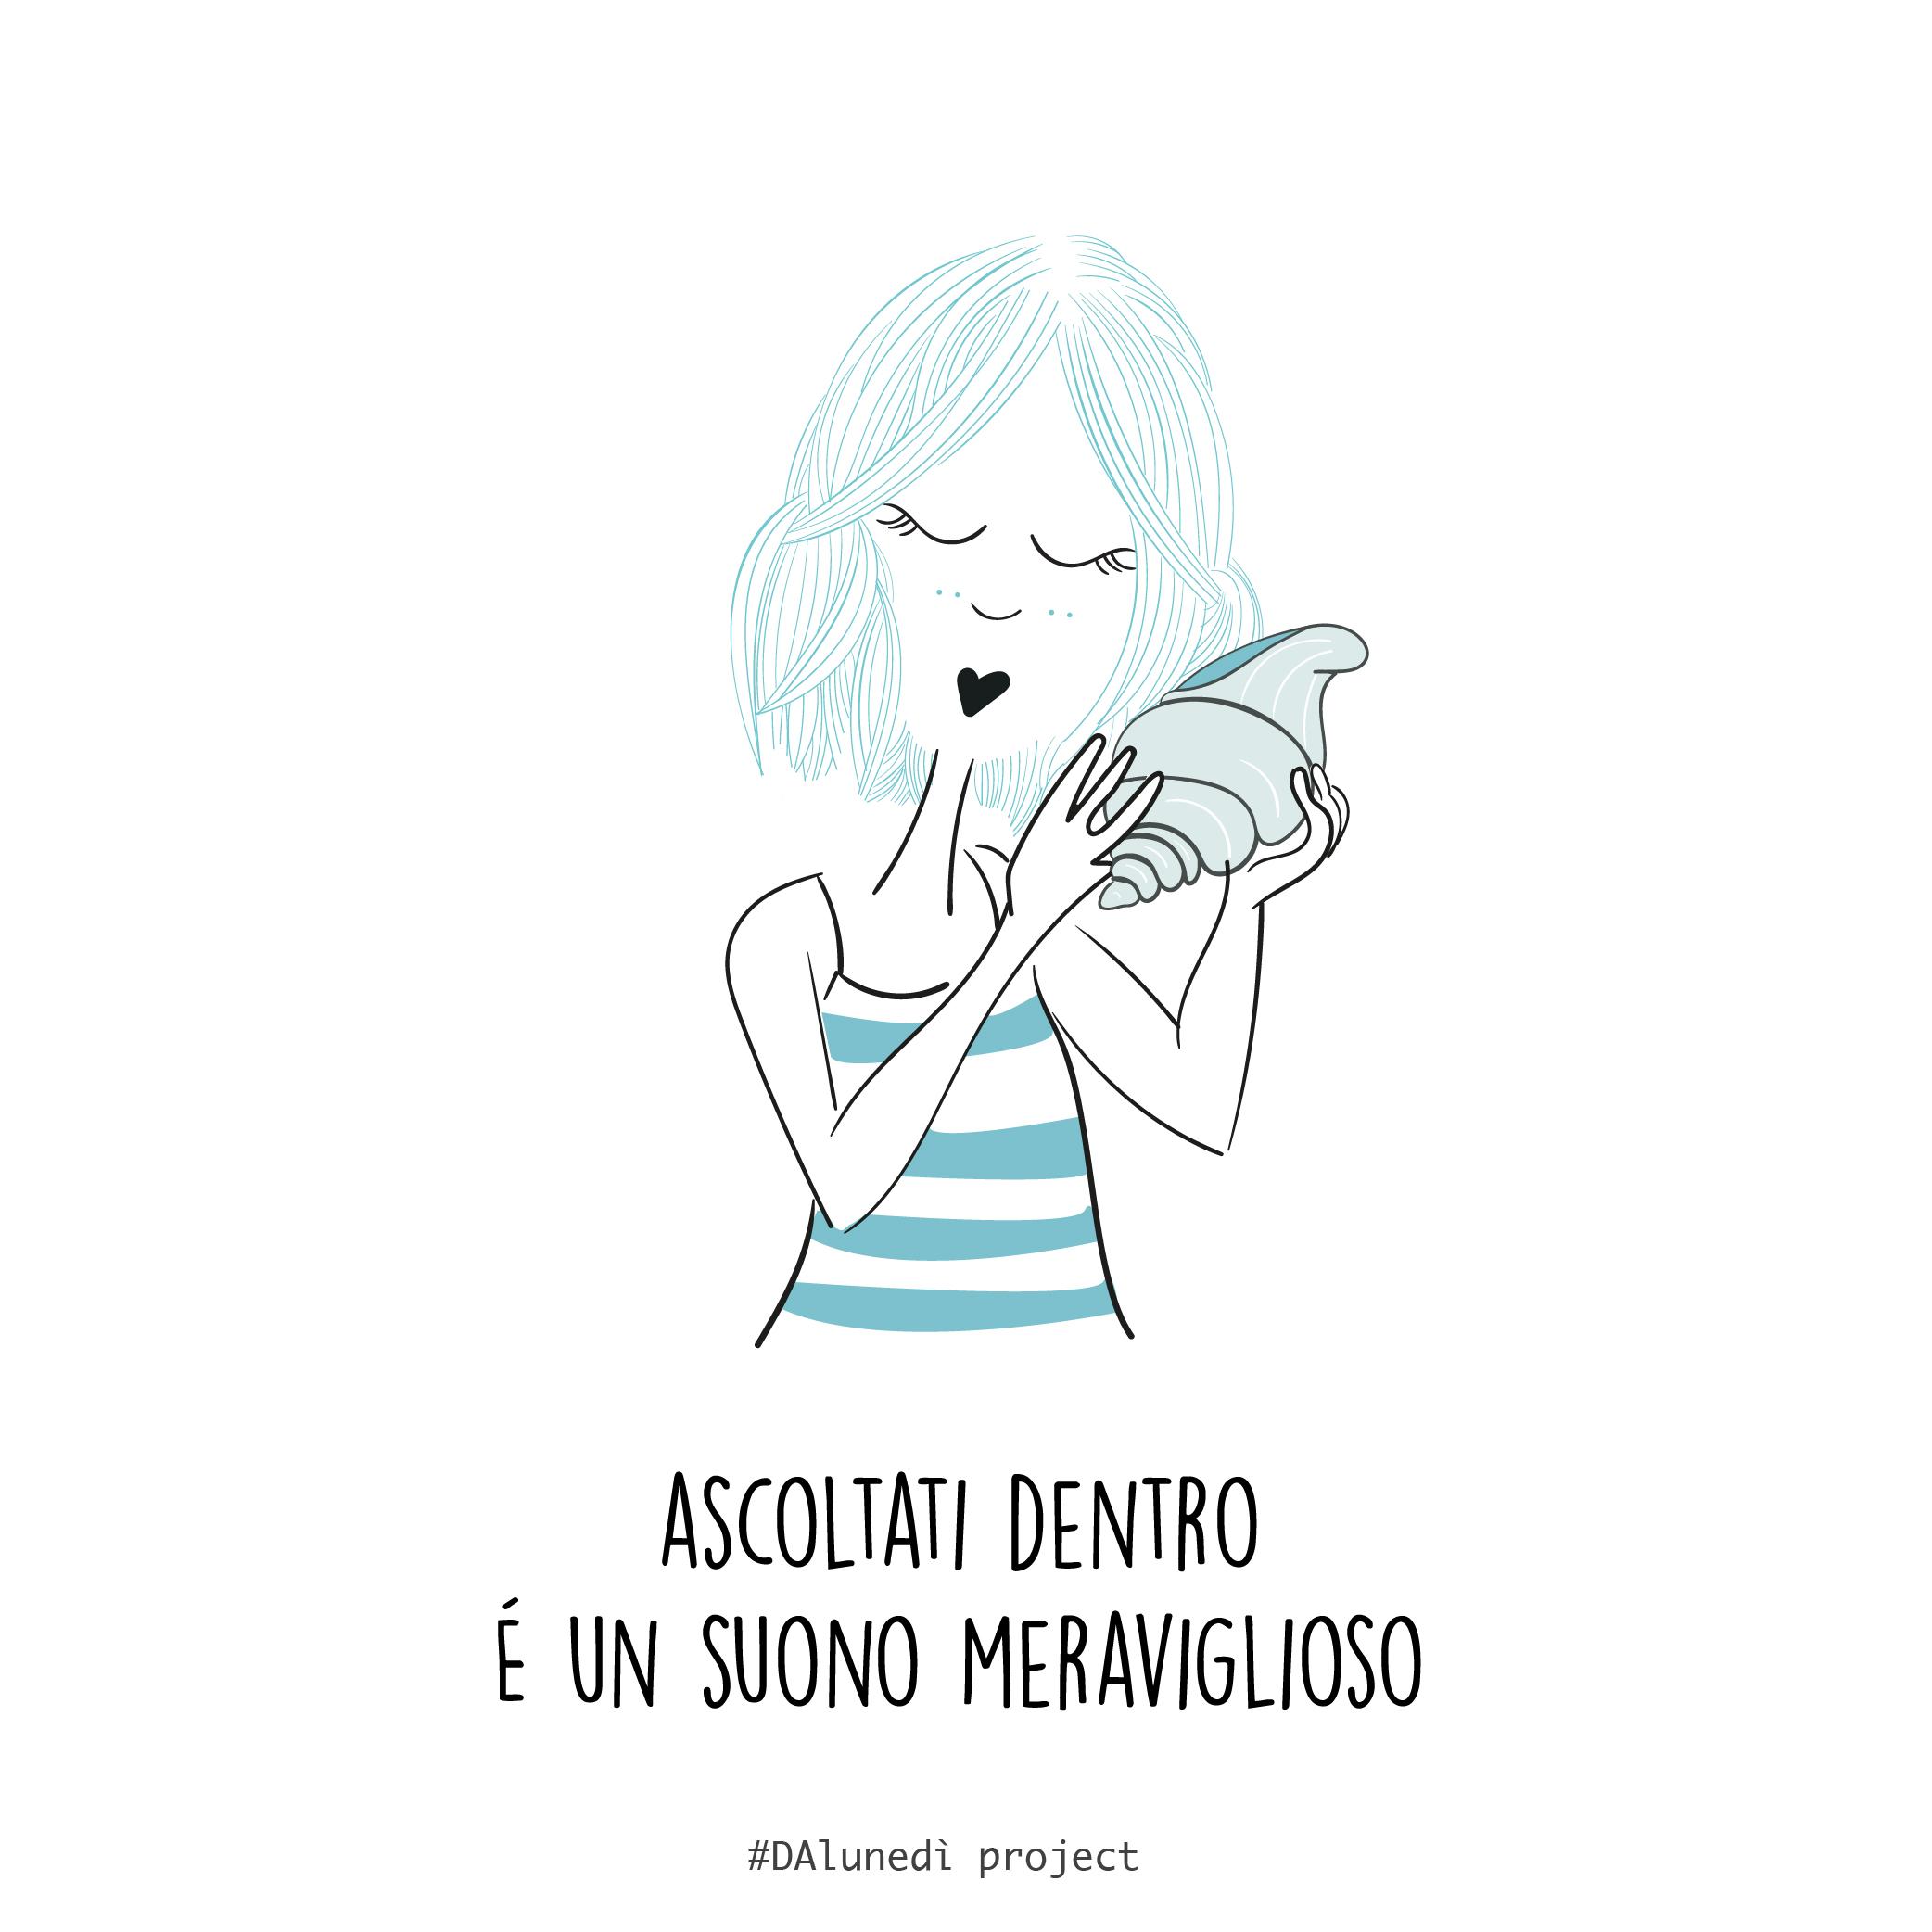 ascoltati dentro Dalunedì project illustrazioni Disturbi Alimentari